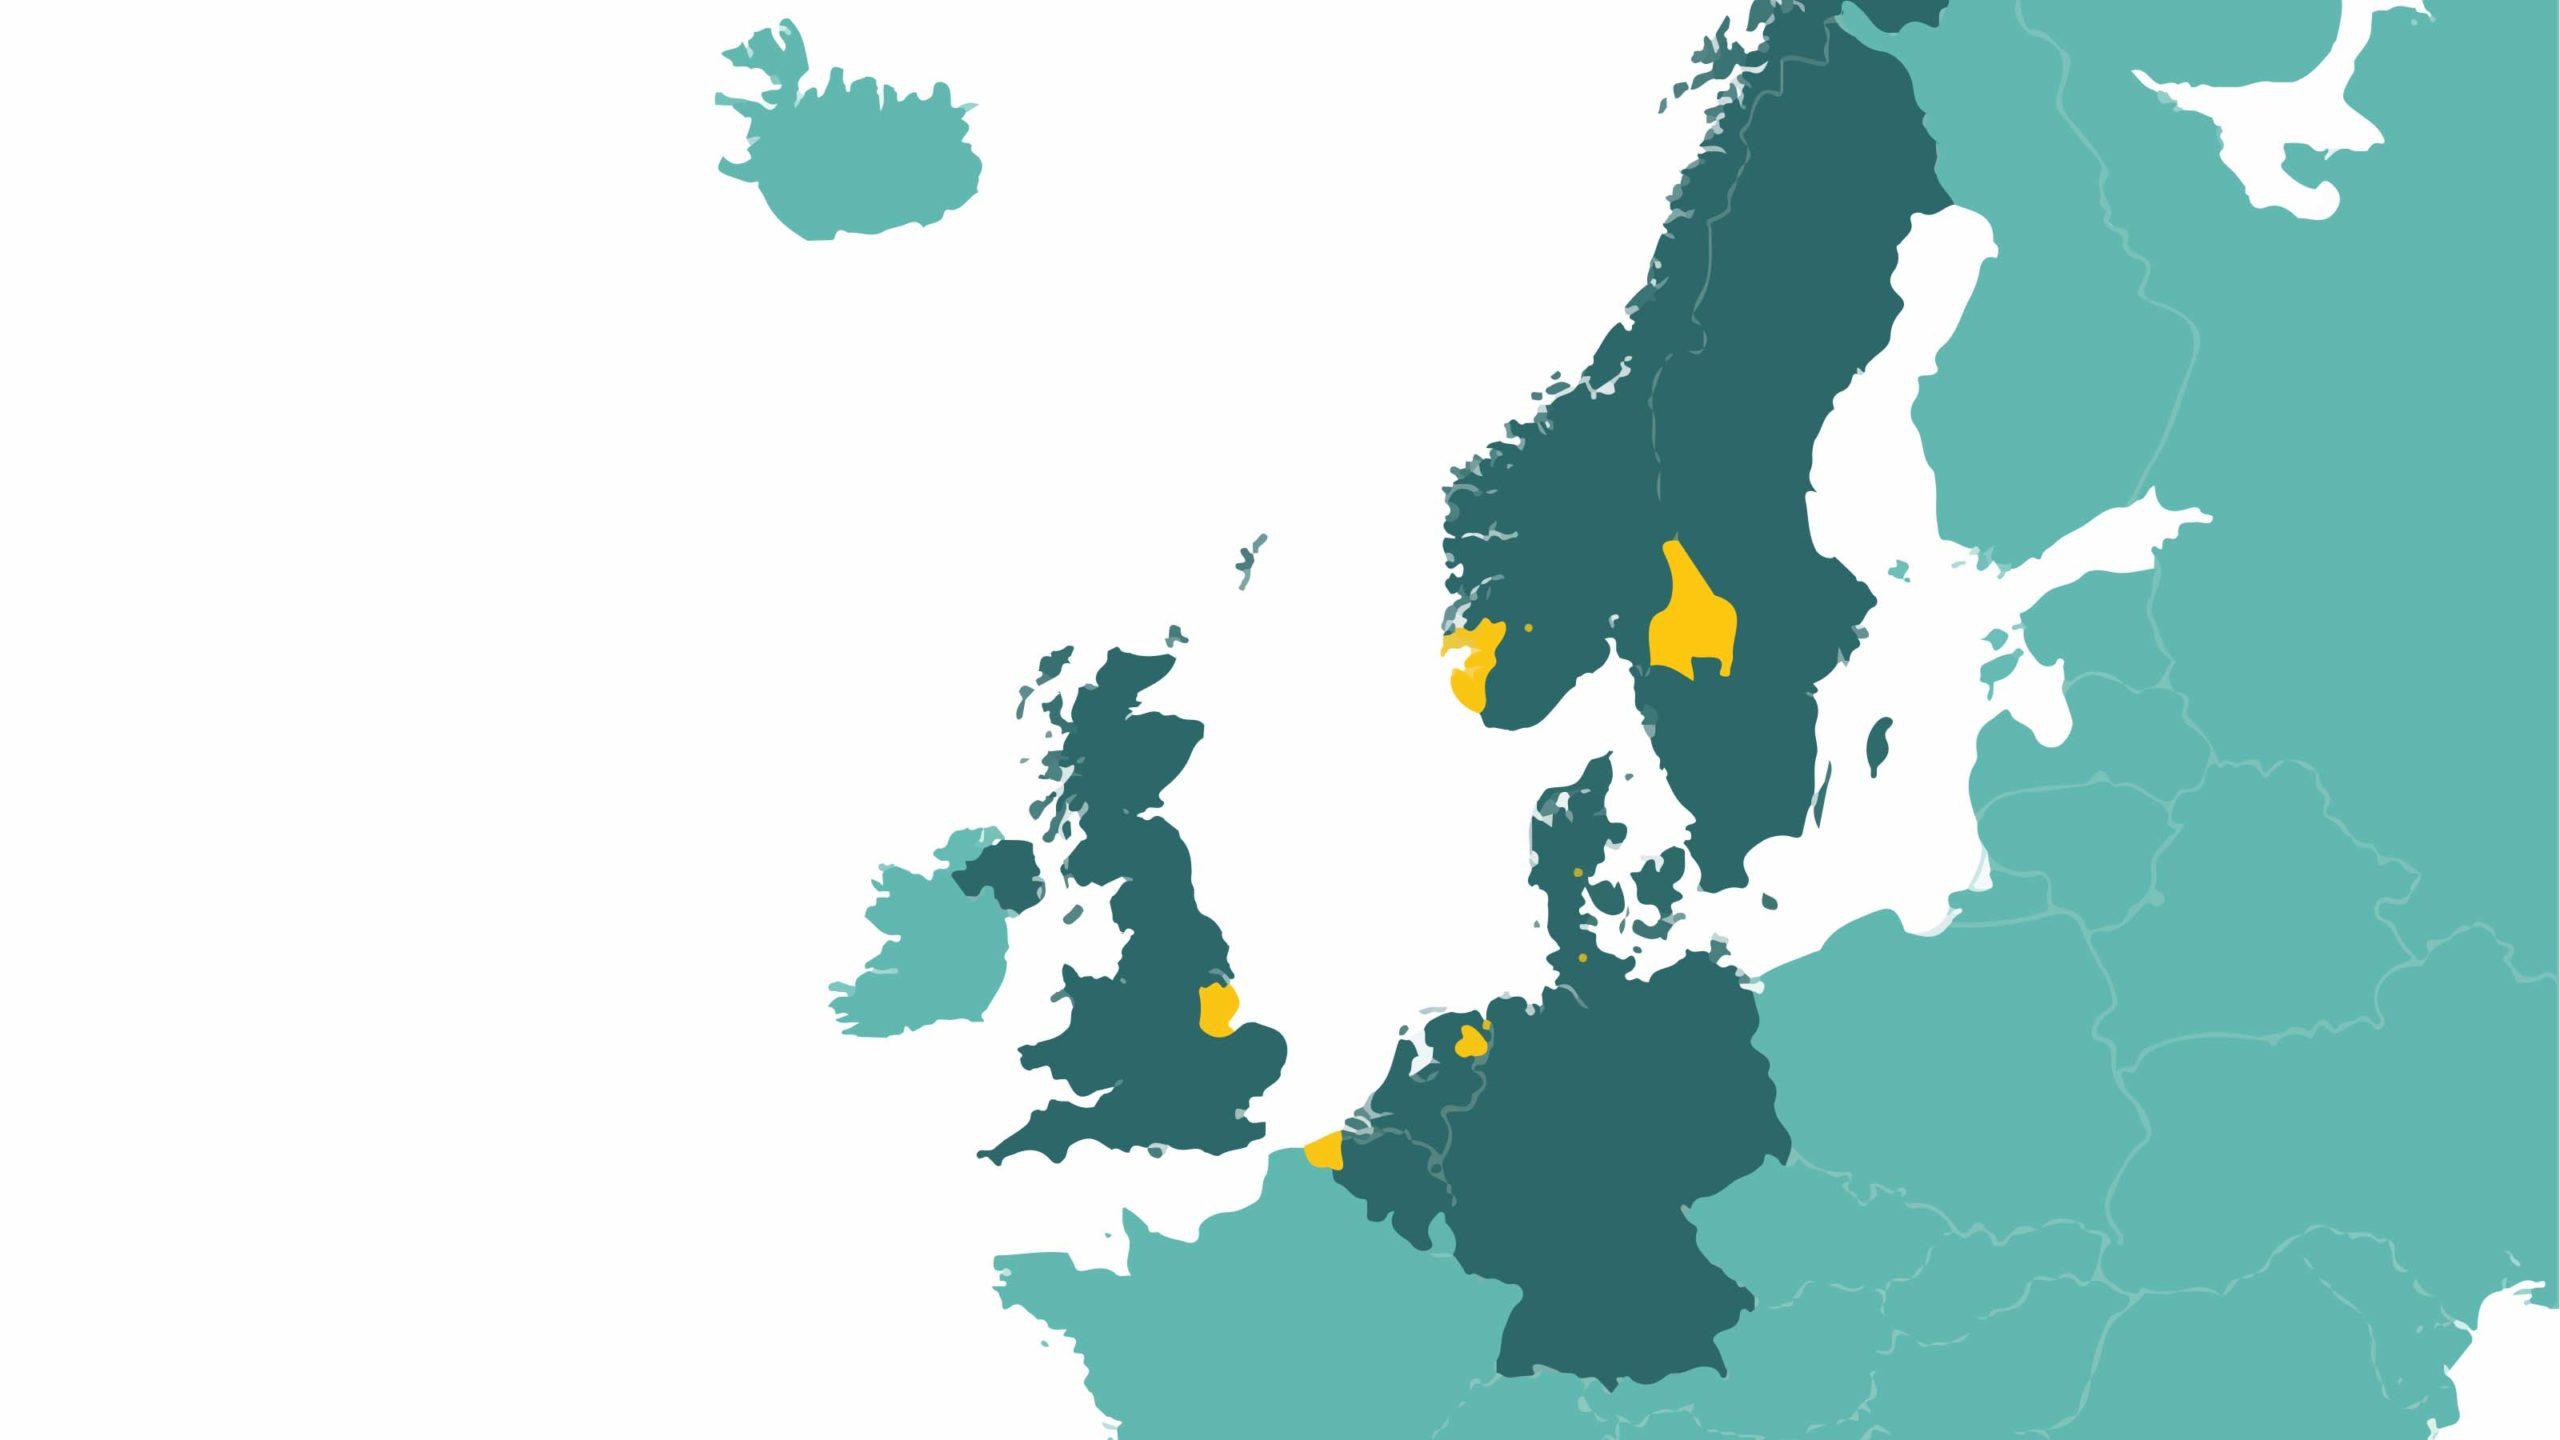 Karta över norra Europa med Norge, sverige, Danmark, Storbritannien, Tyskland, Nederländerna och Belgien markerade.